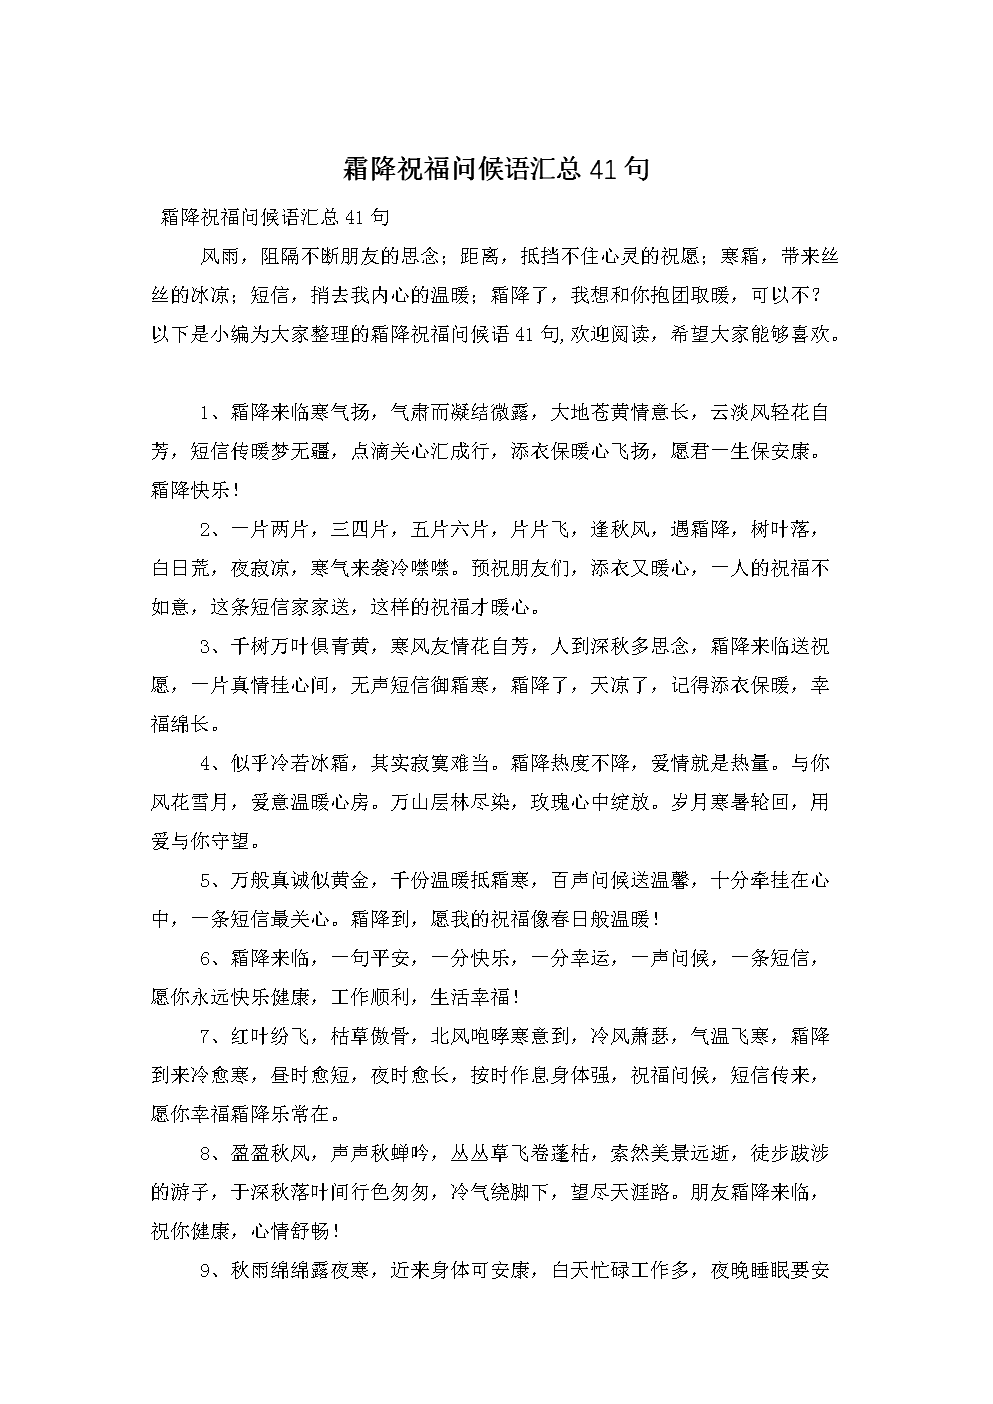 霜降祝福问候语汇总41句.doc